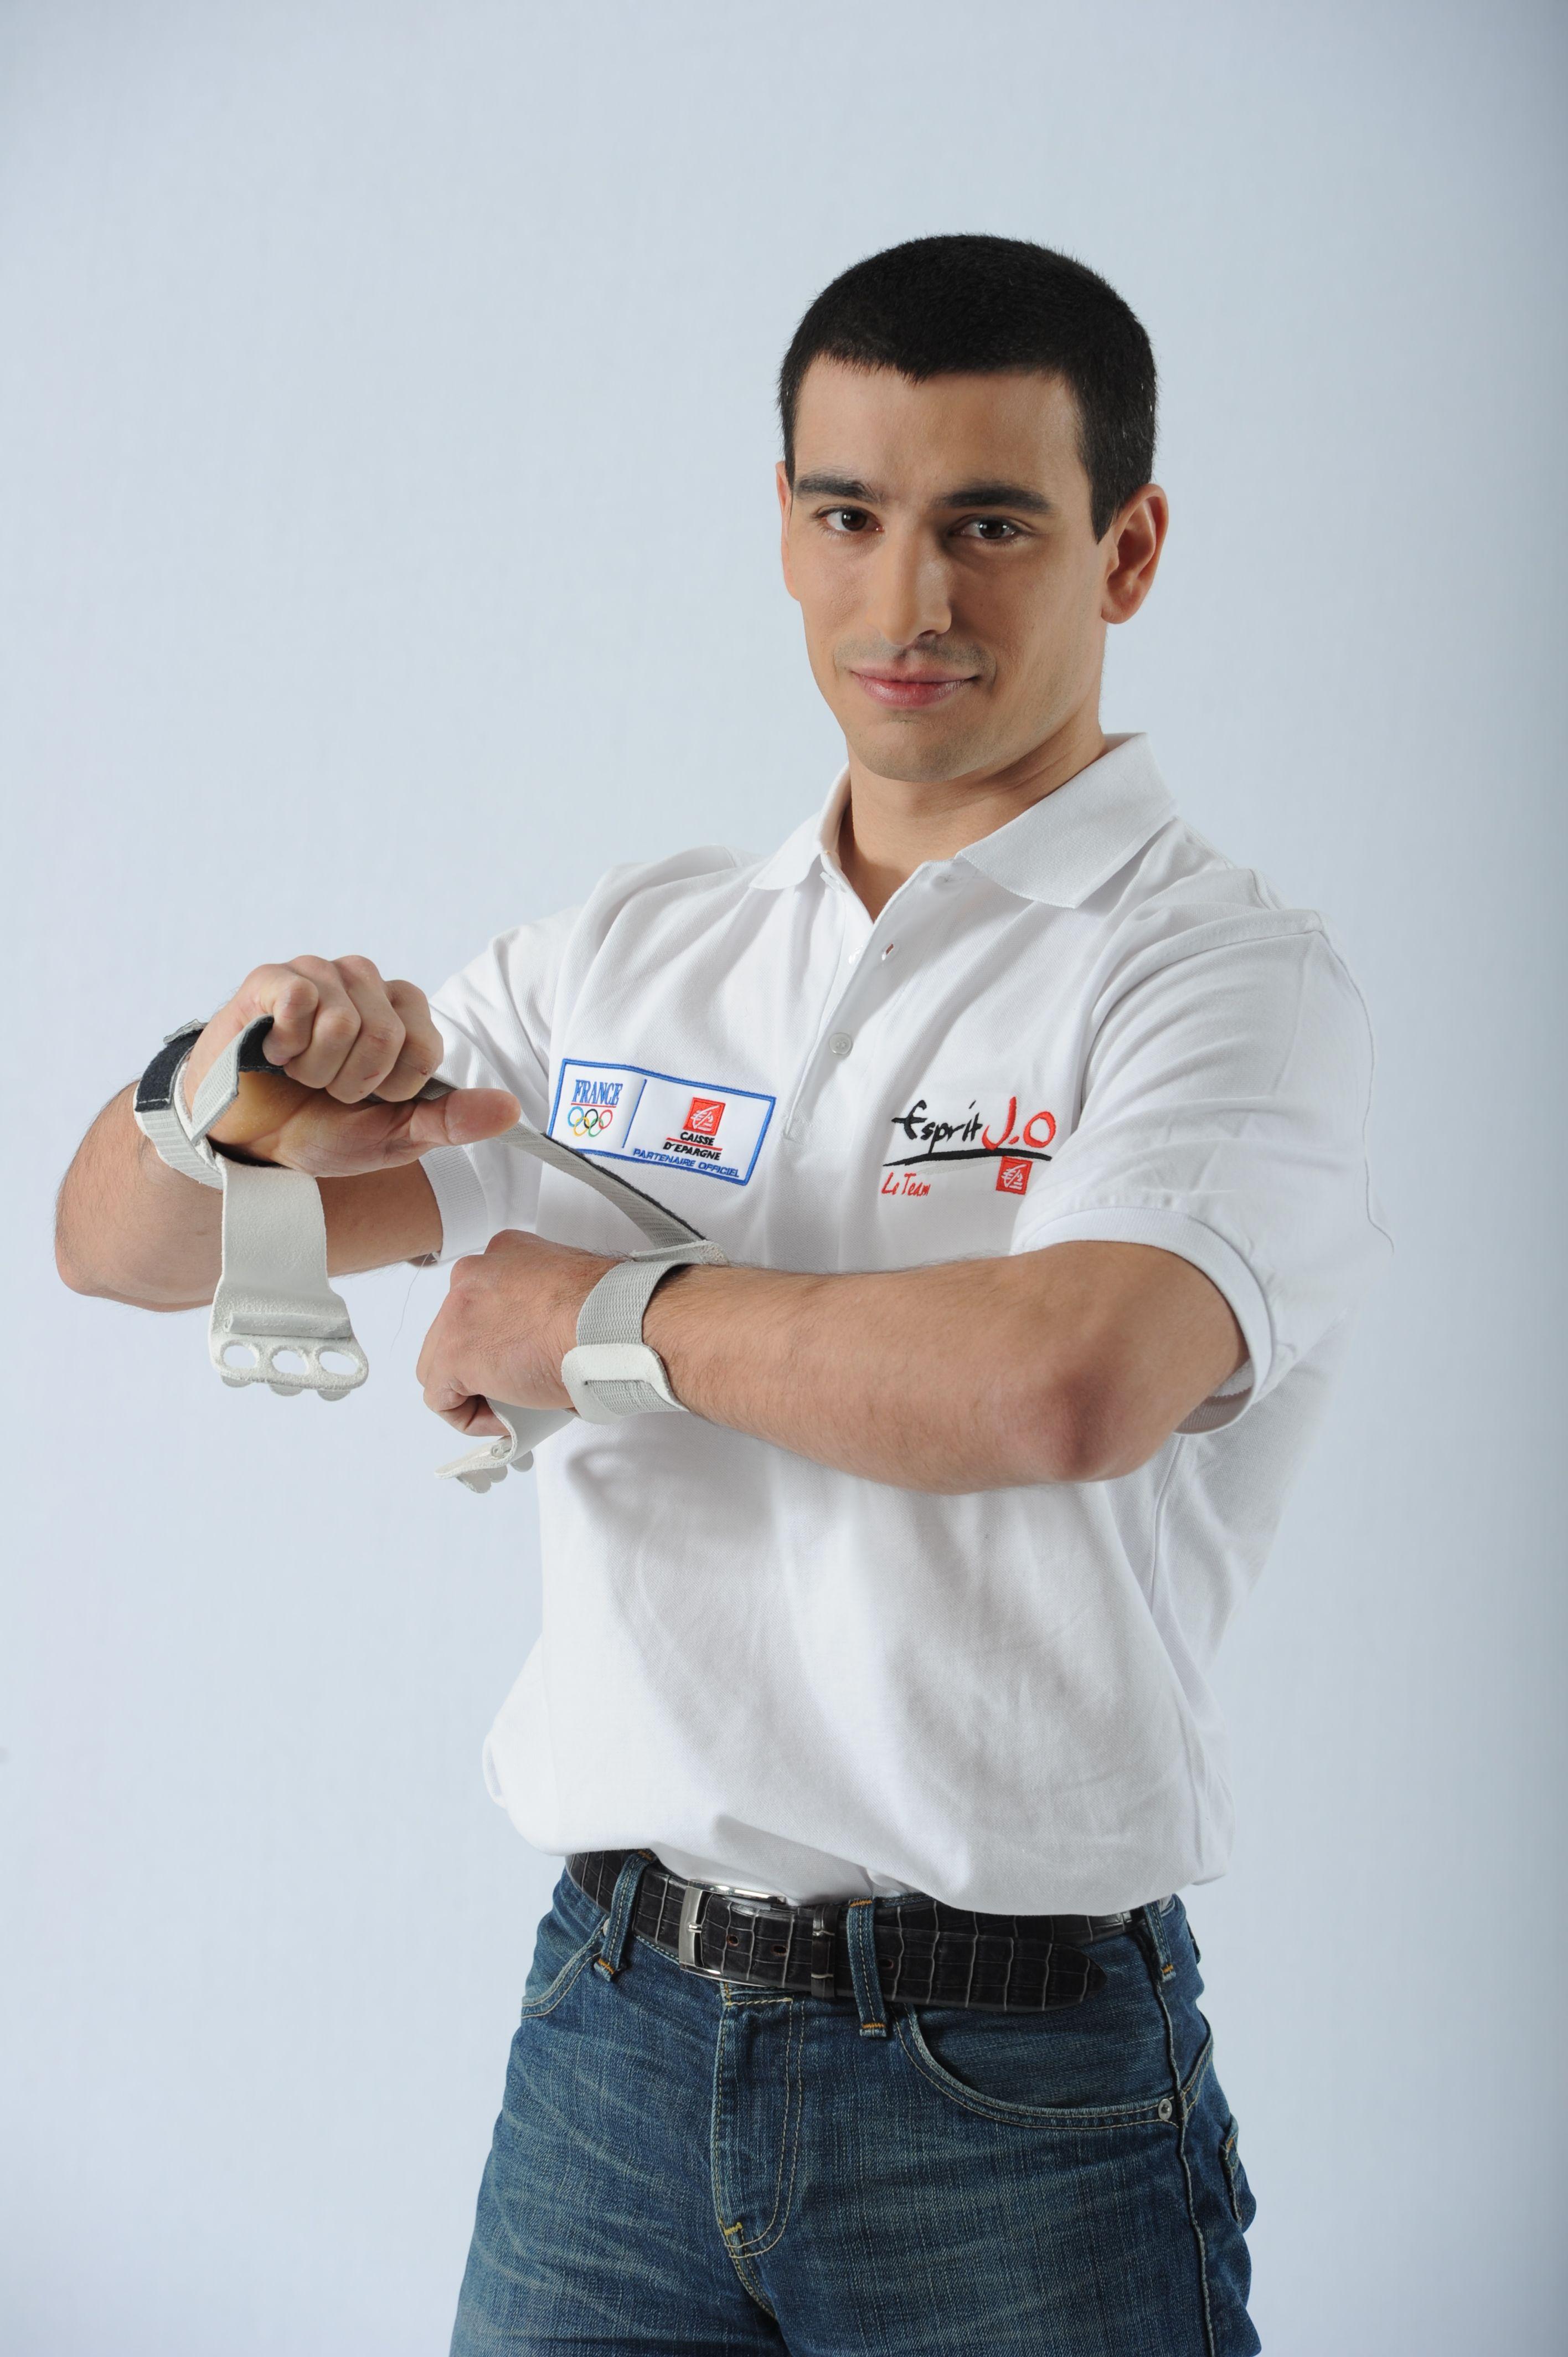 Yann Cucherat - Team Caisse d'Epargne - www.facebook.com/EspritJO